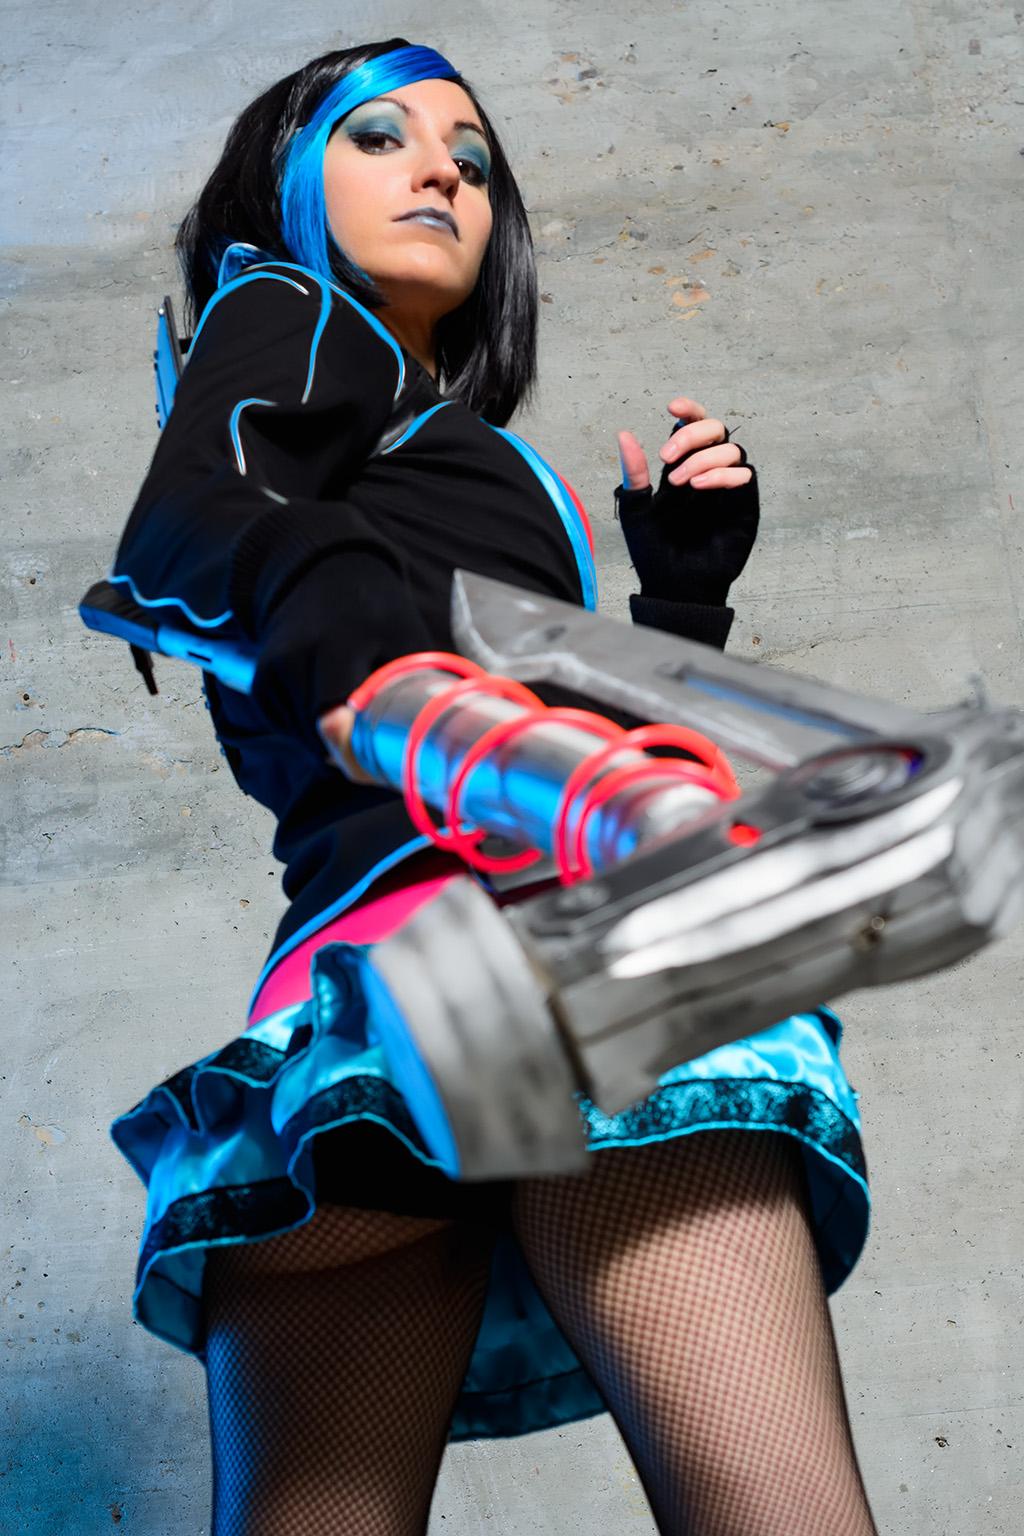 cosplay meet 2008 video 7 planned